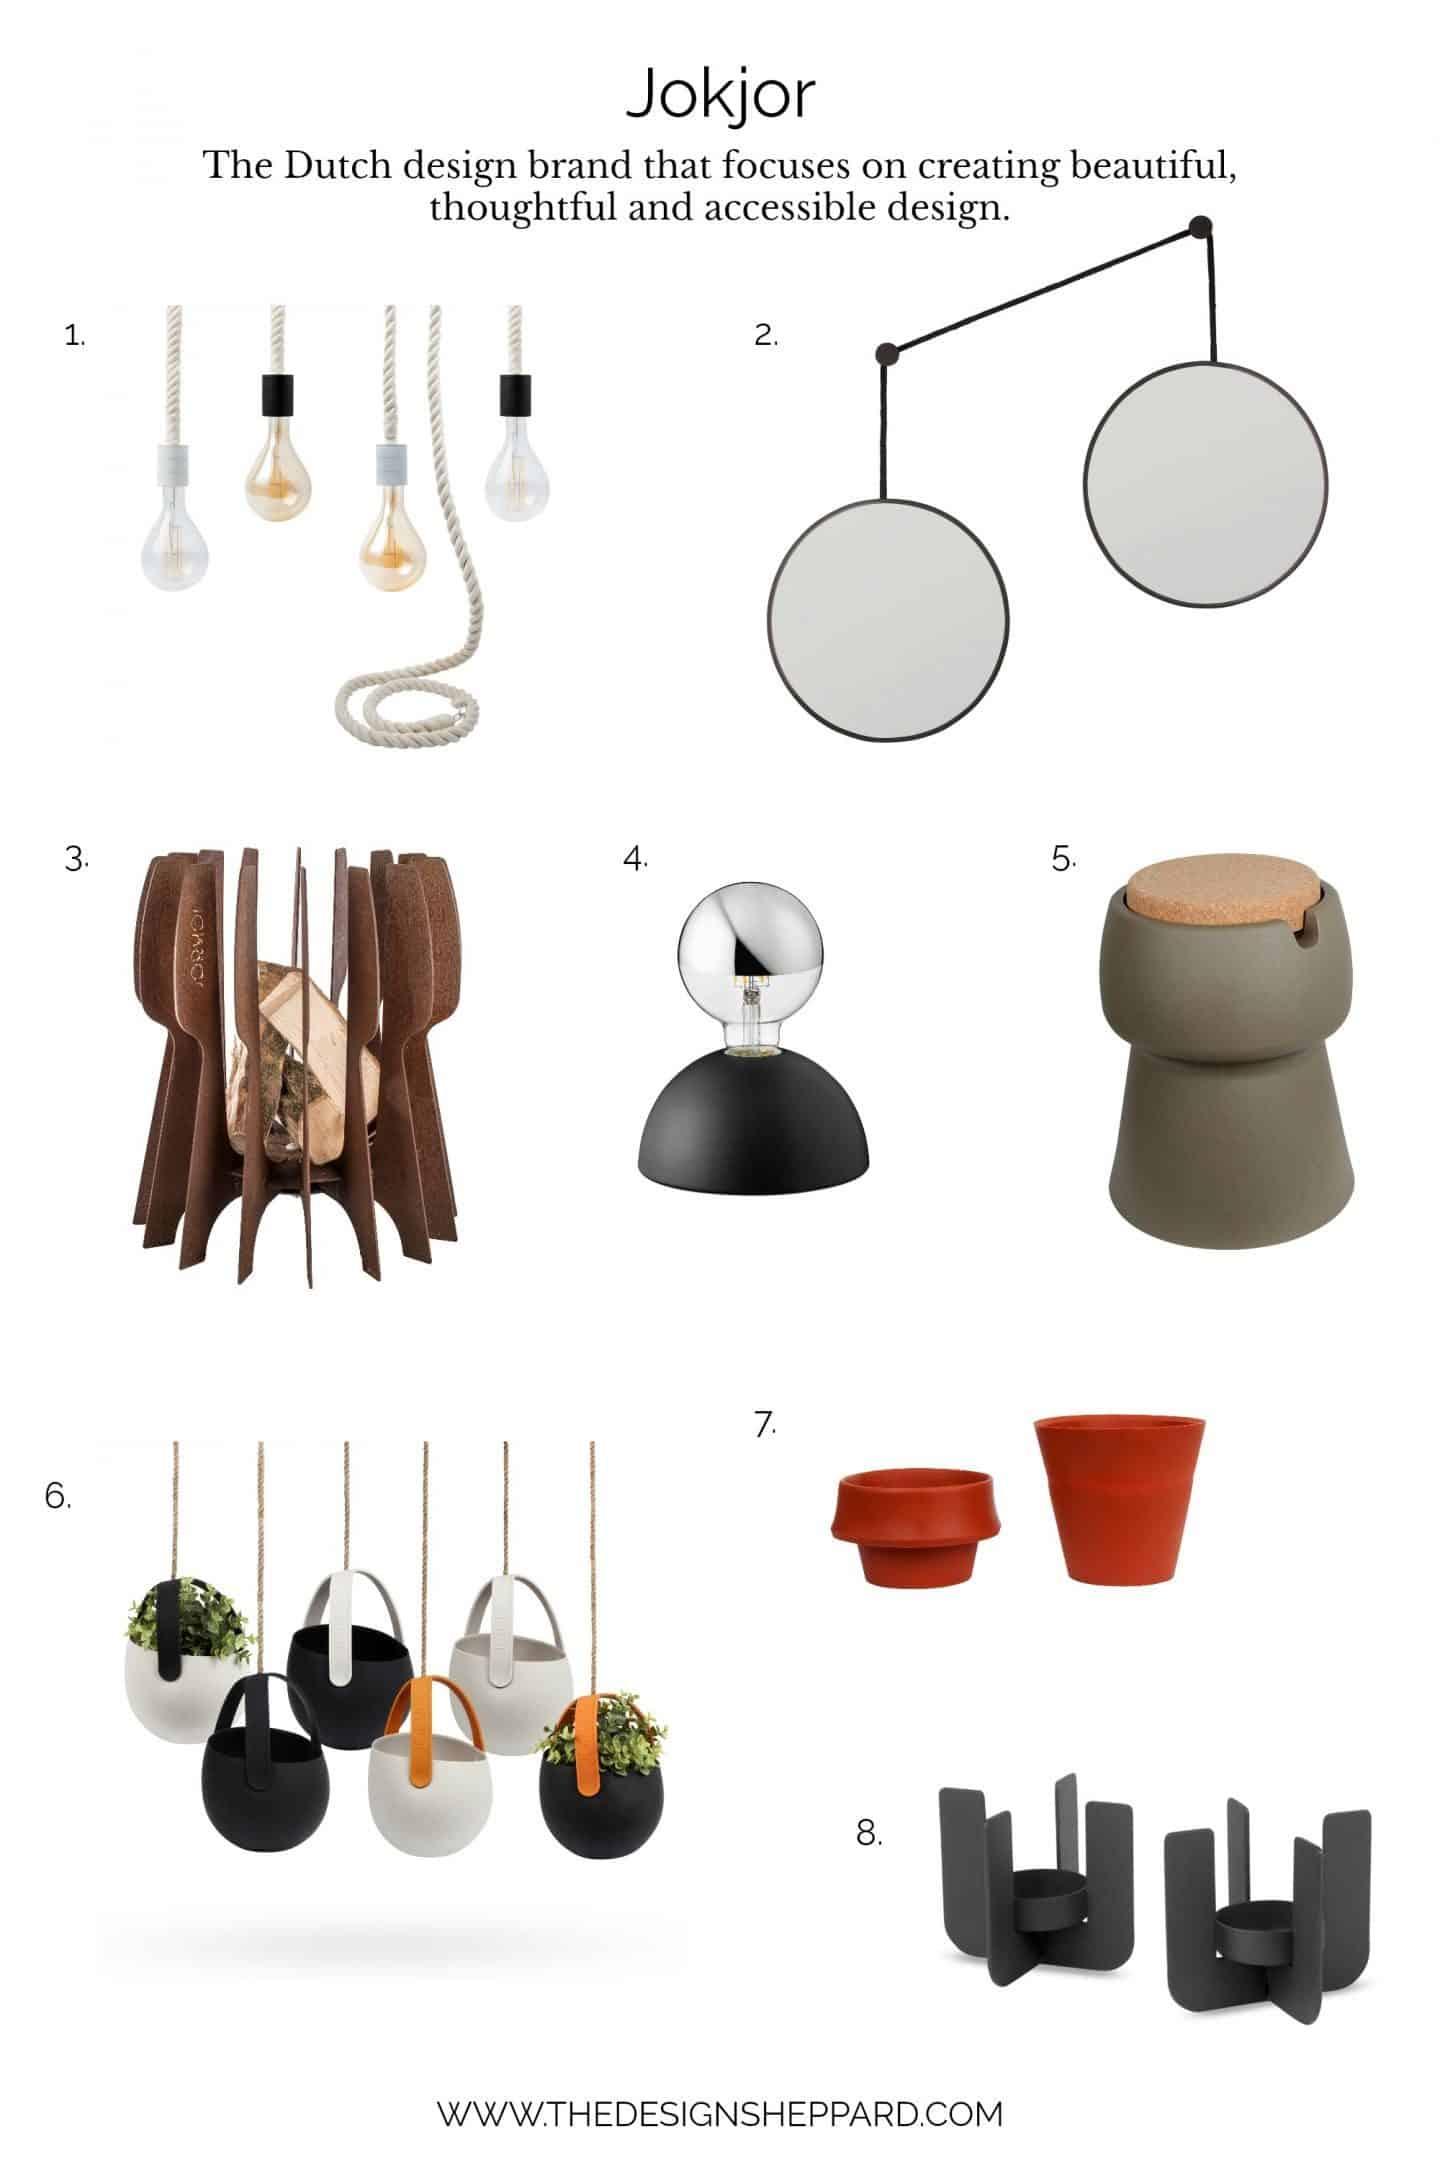 Where to shop - Dutch design brand Jokjor